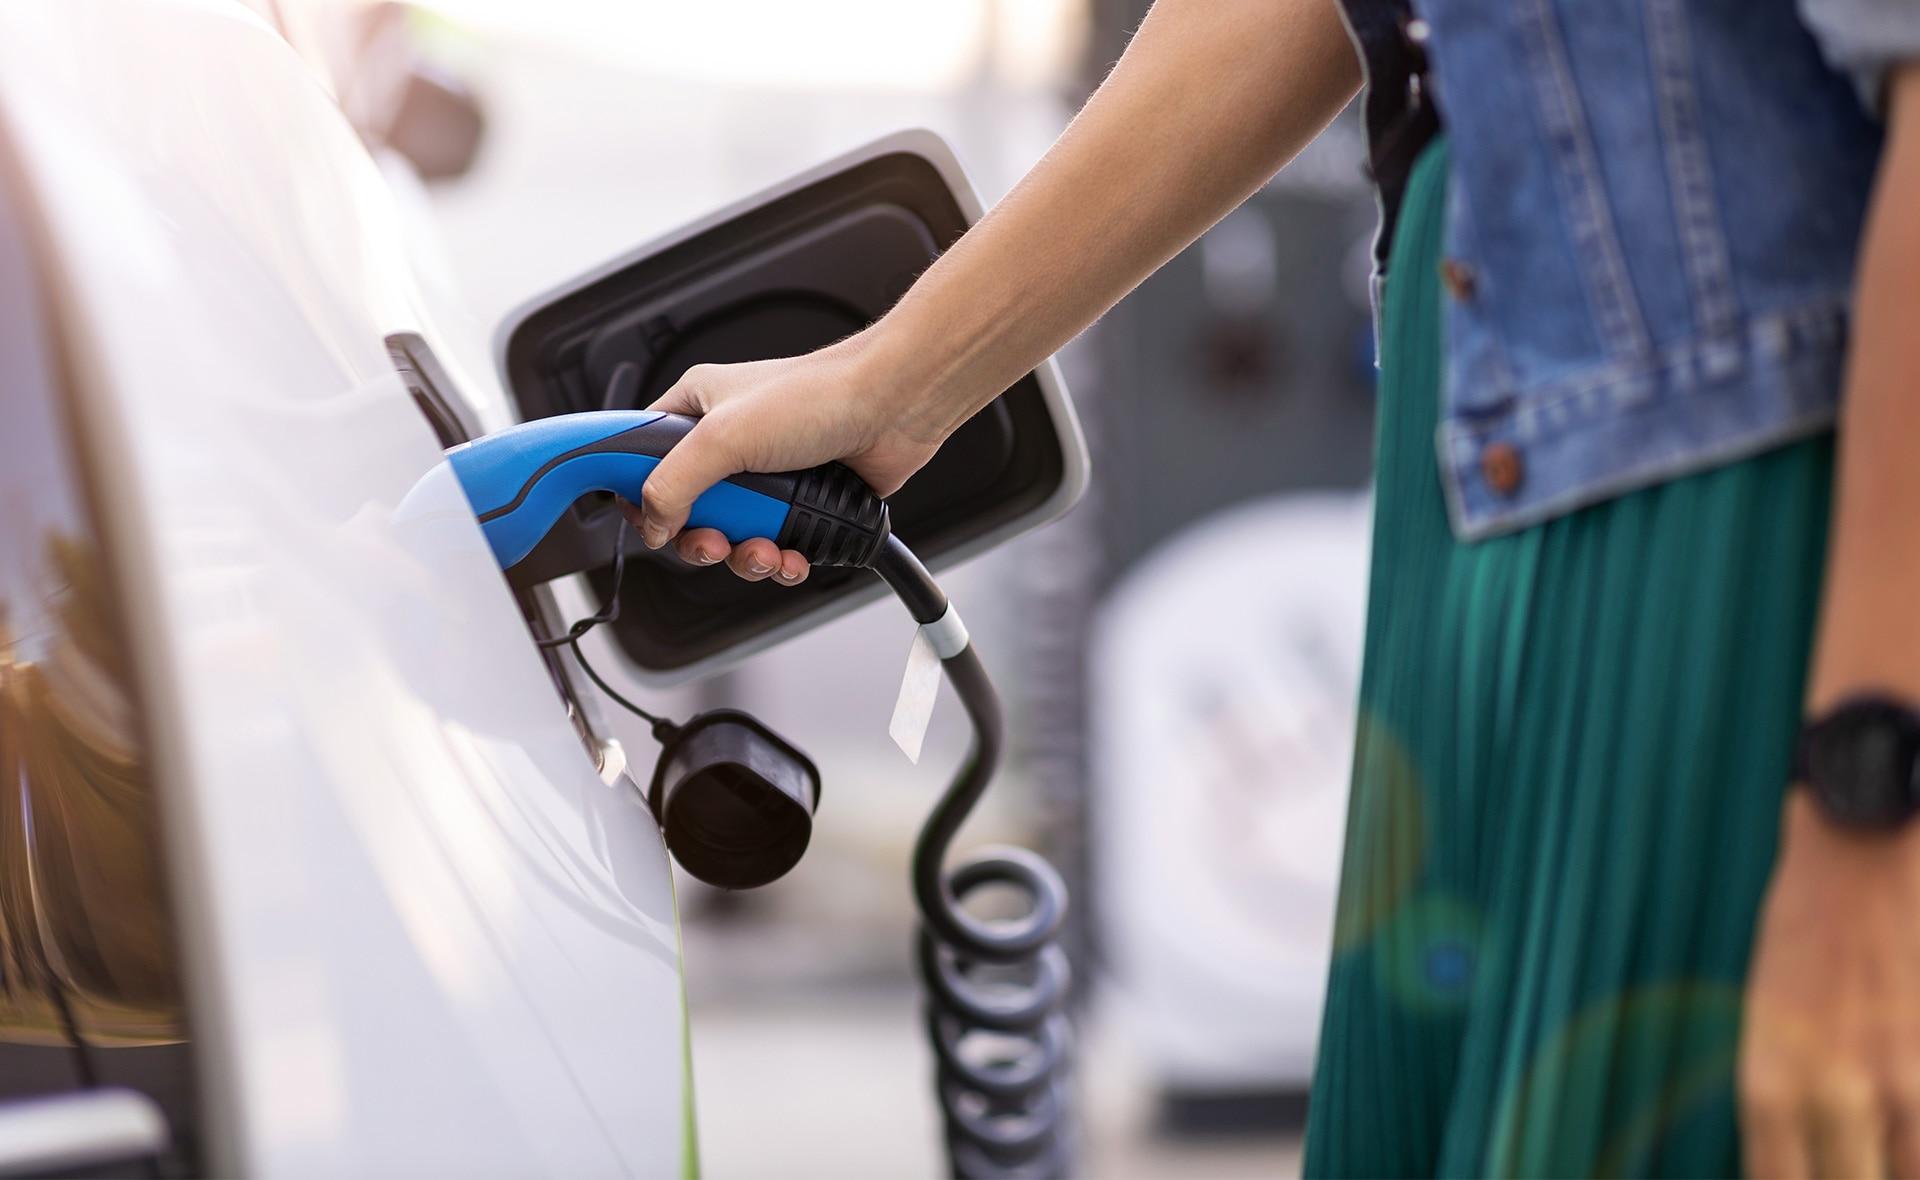 coche_sostenible-ecologia-electrico-vehiculo-sostenible-emisones-contaminacion-recurso-automovil-recarga-vehiculo